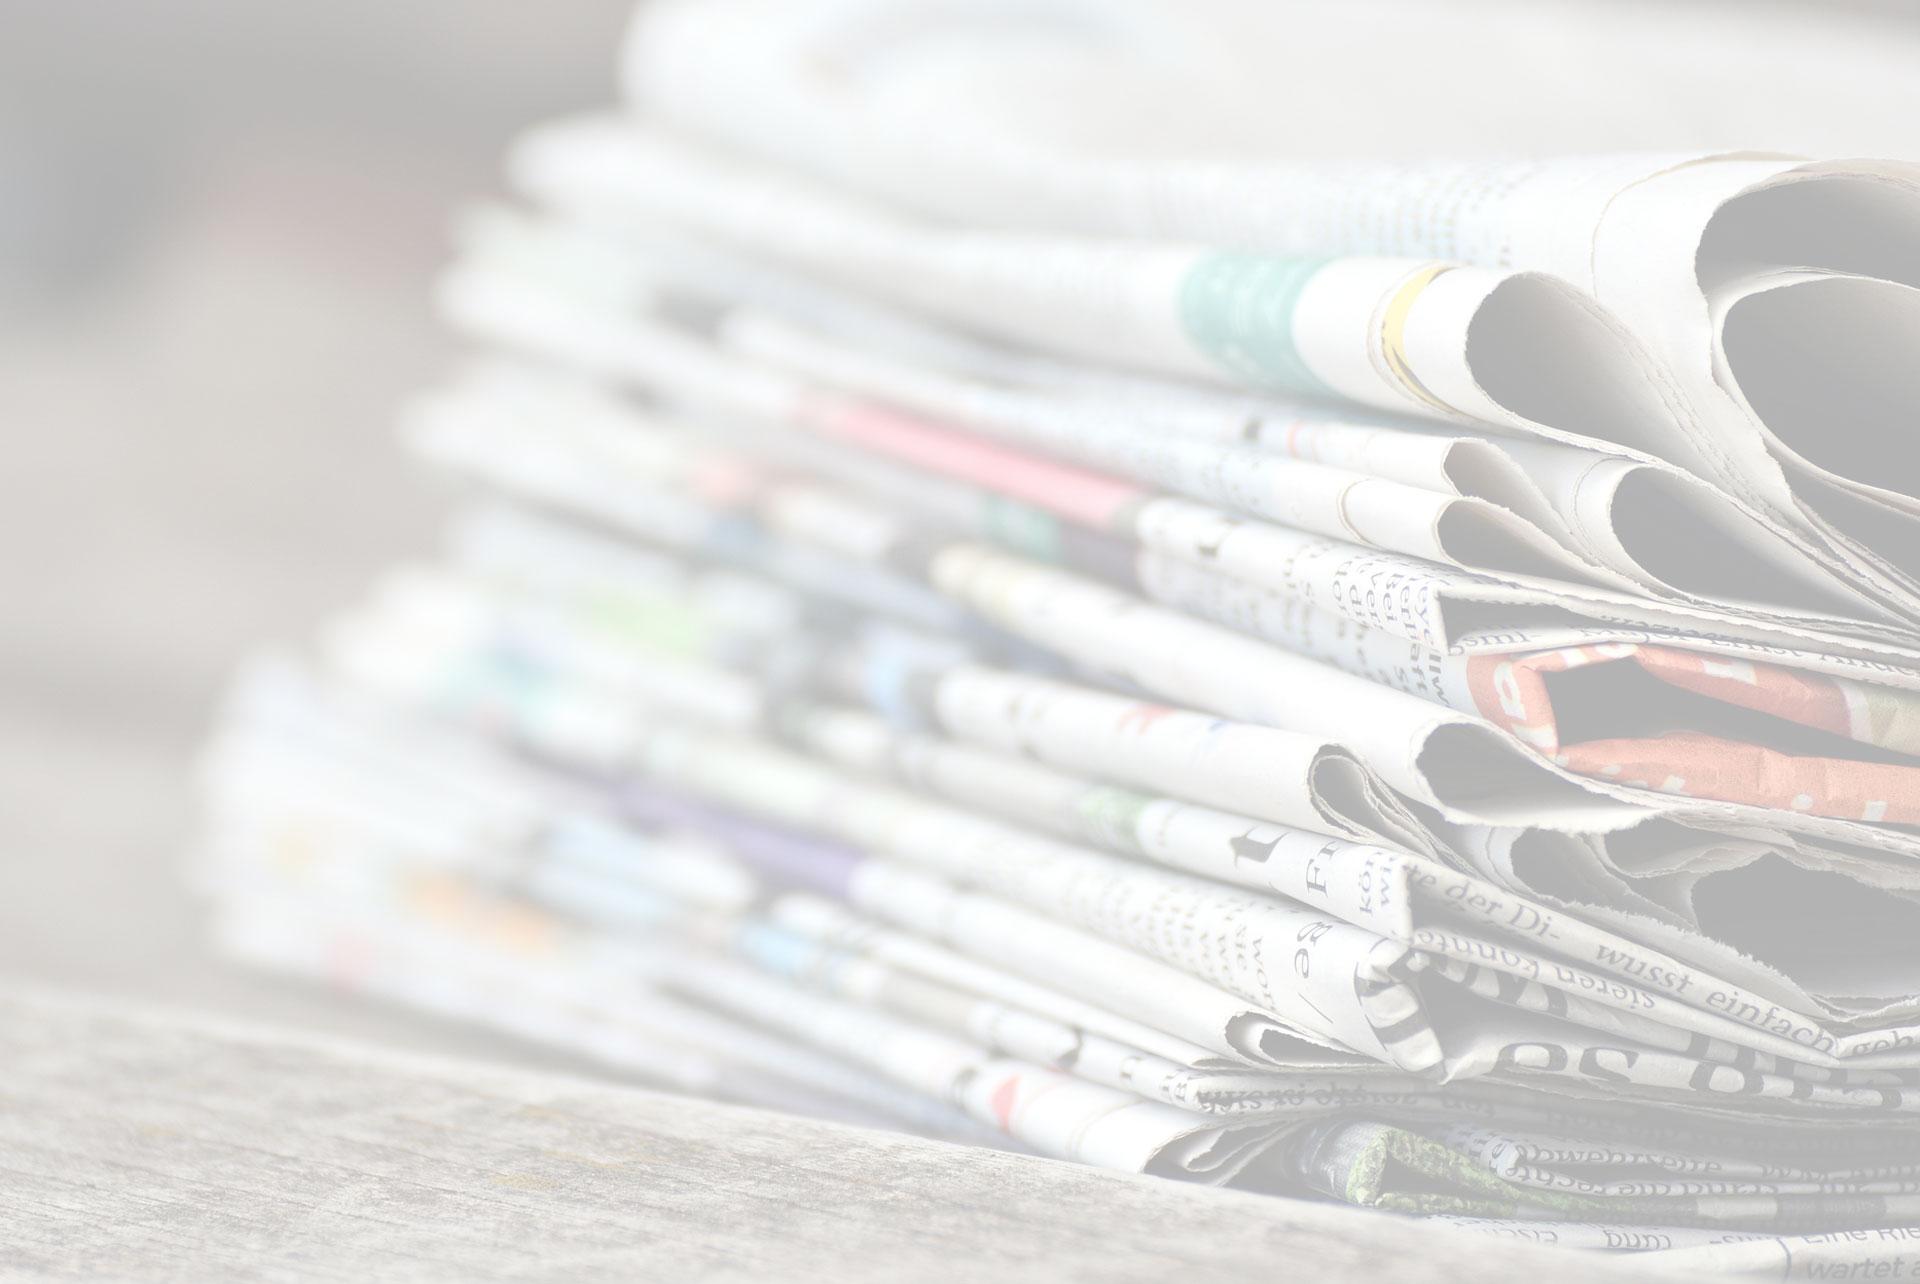 John Hvlicek